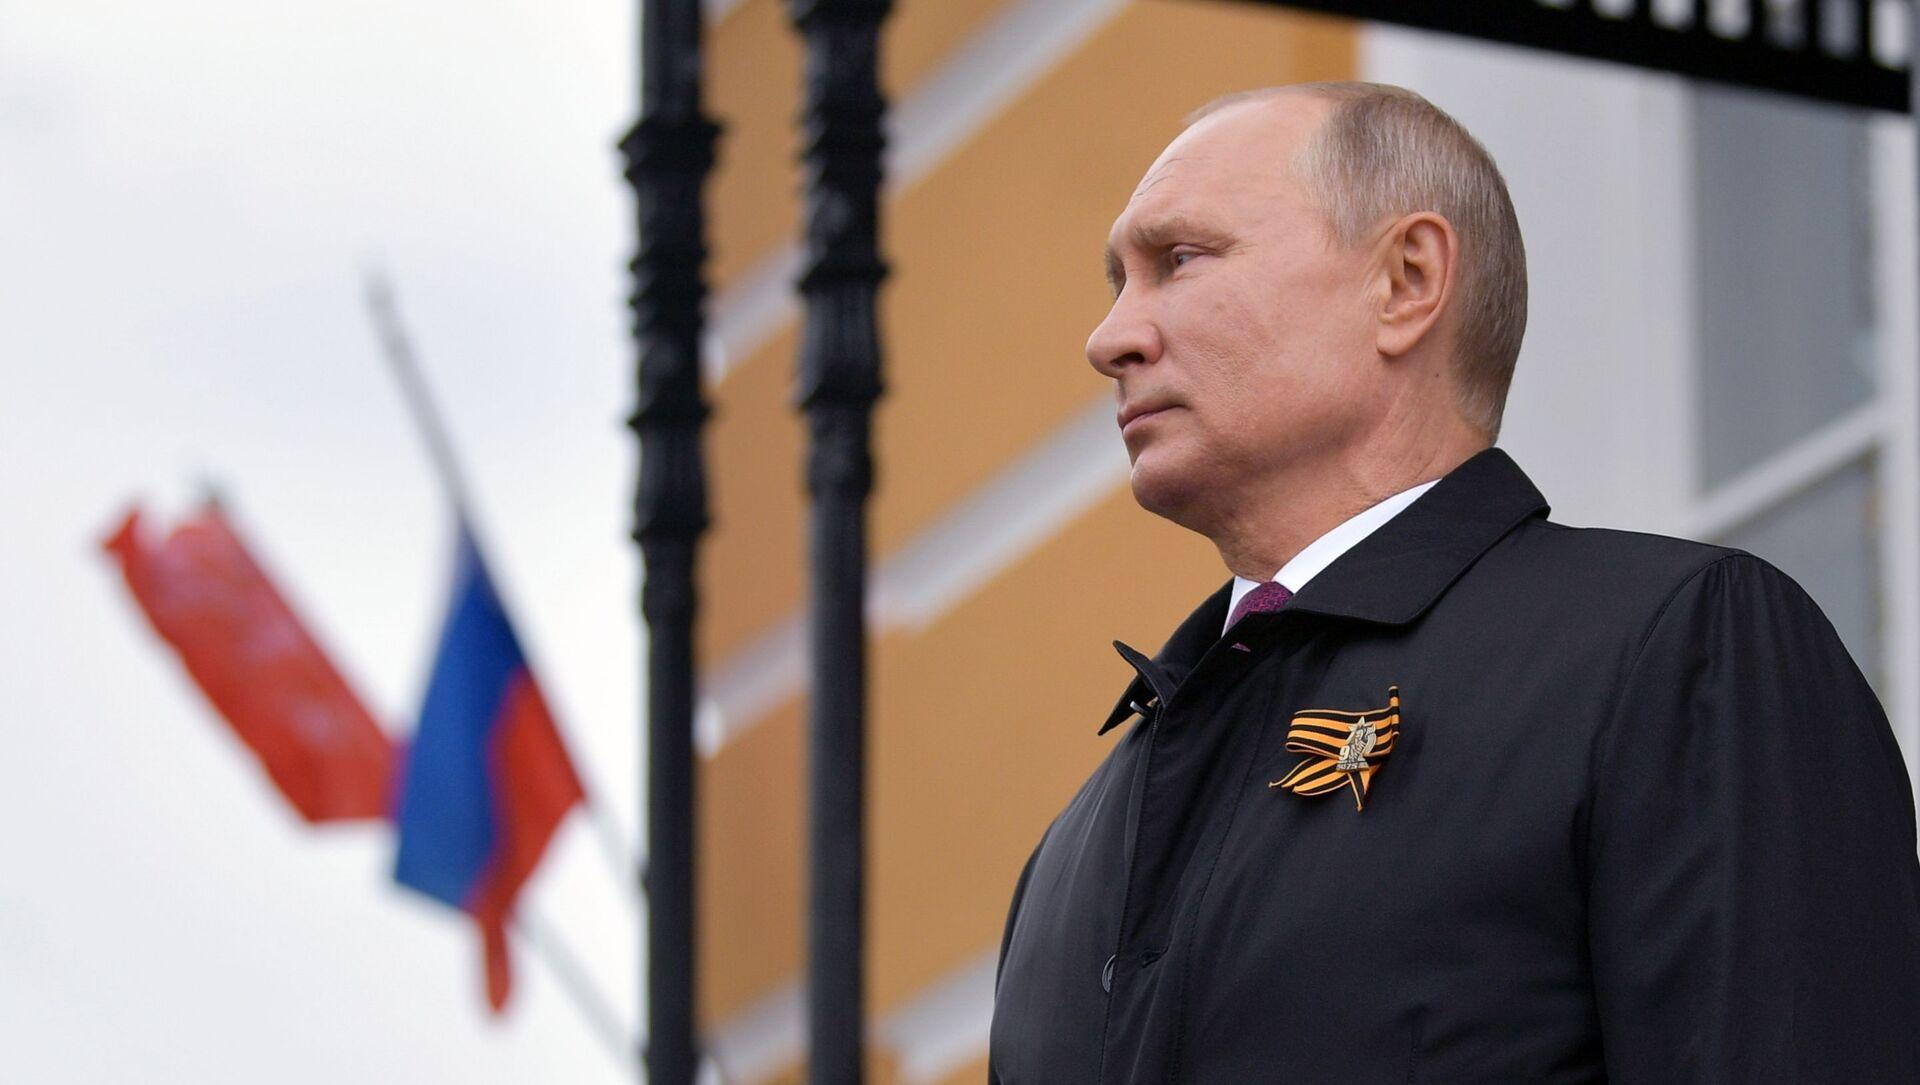 Il presidente russo Putin prima della parte aerea della parata militare per il 75esimo anniversario della Vittoria della Grande guerra patriottica  - Sputnik Italia, 1920, 08.05.2021